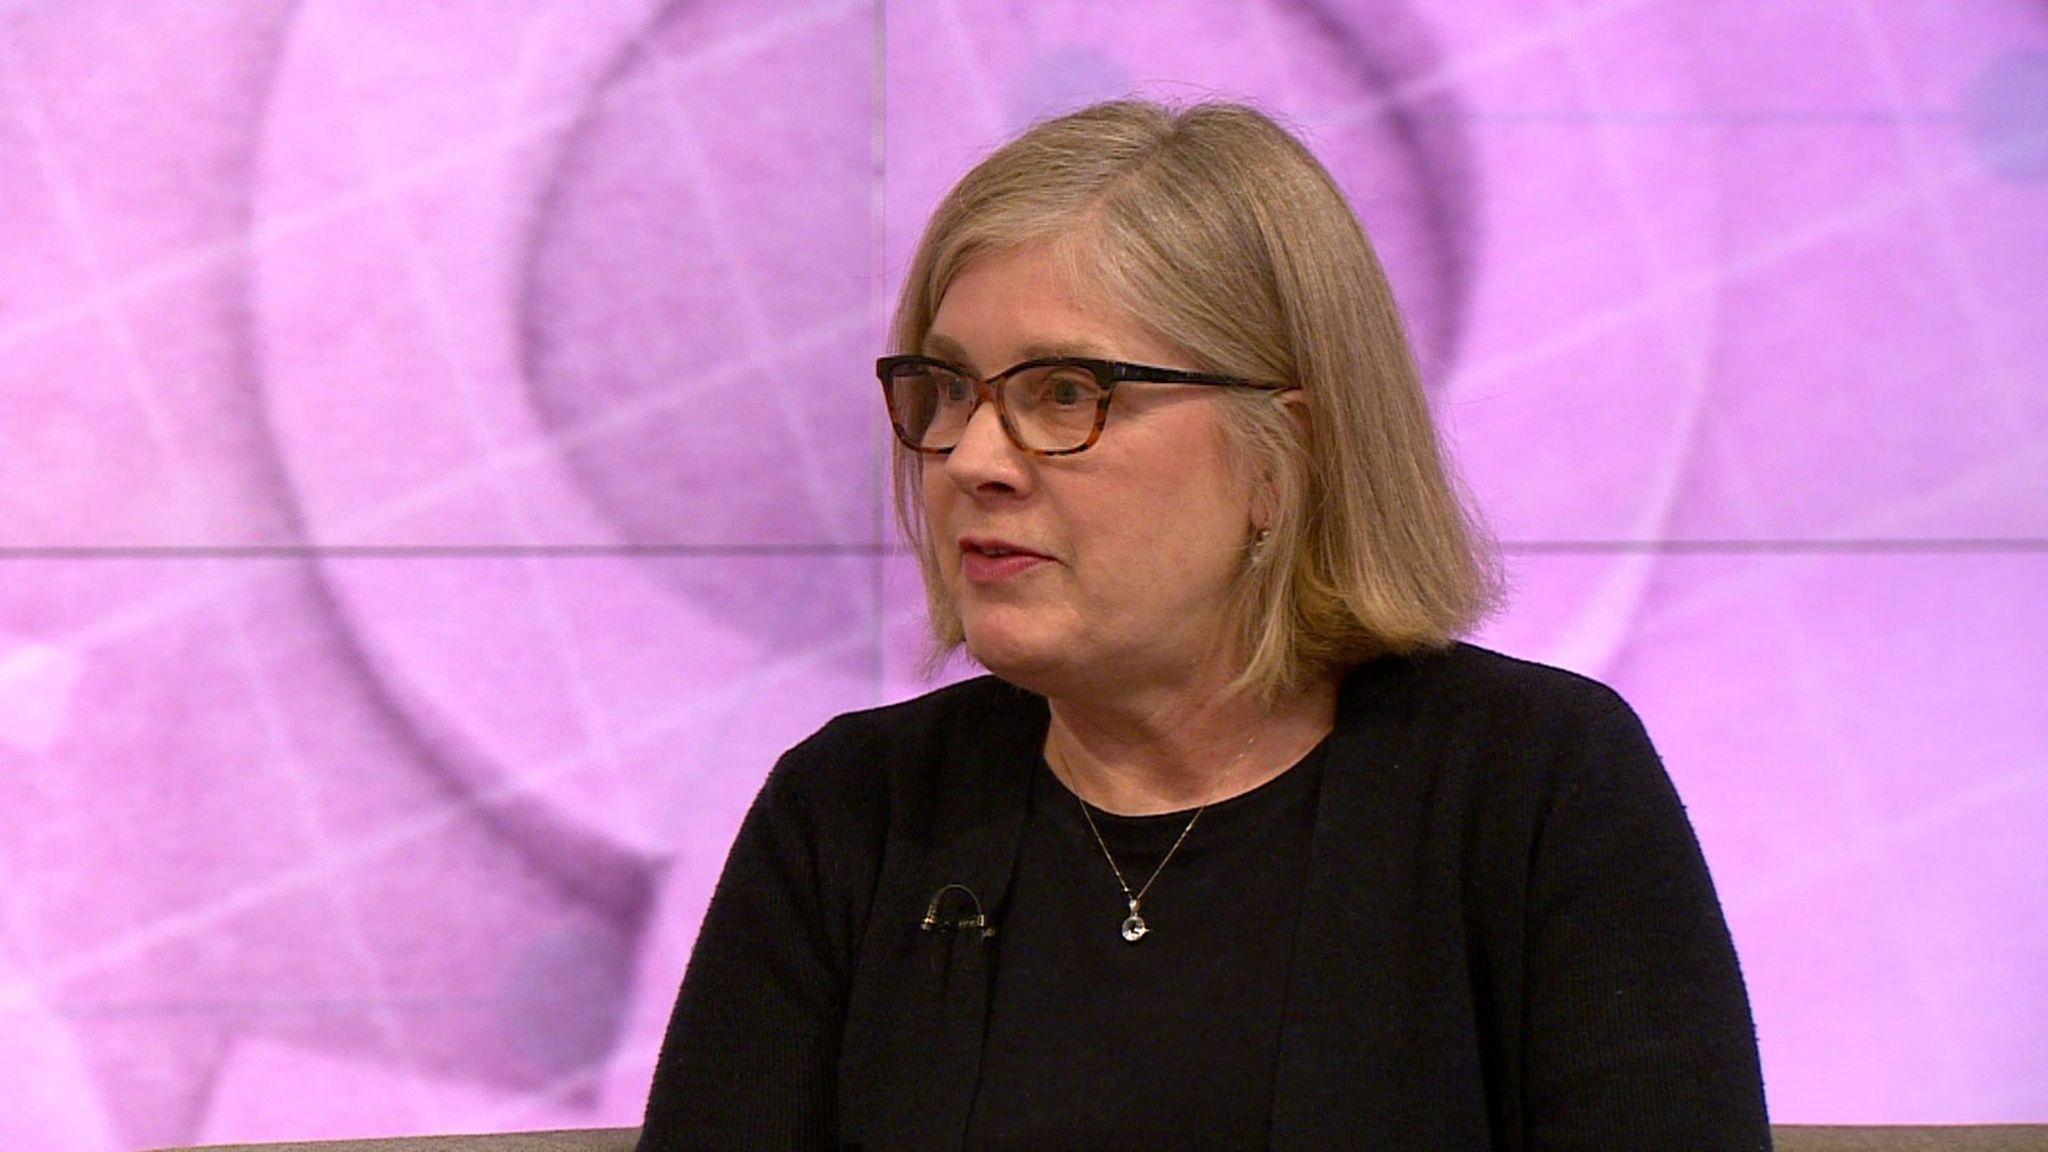 Dr Polly Carmichael